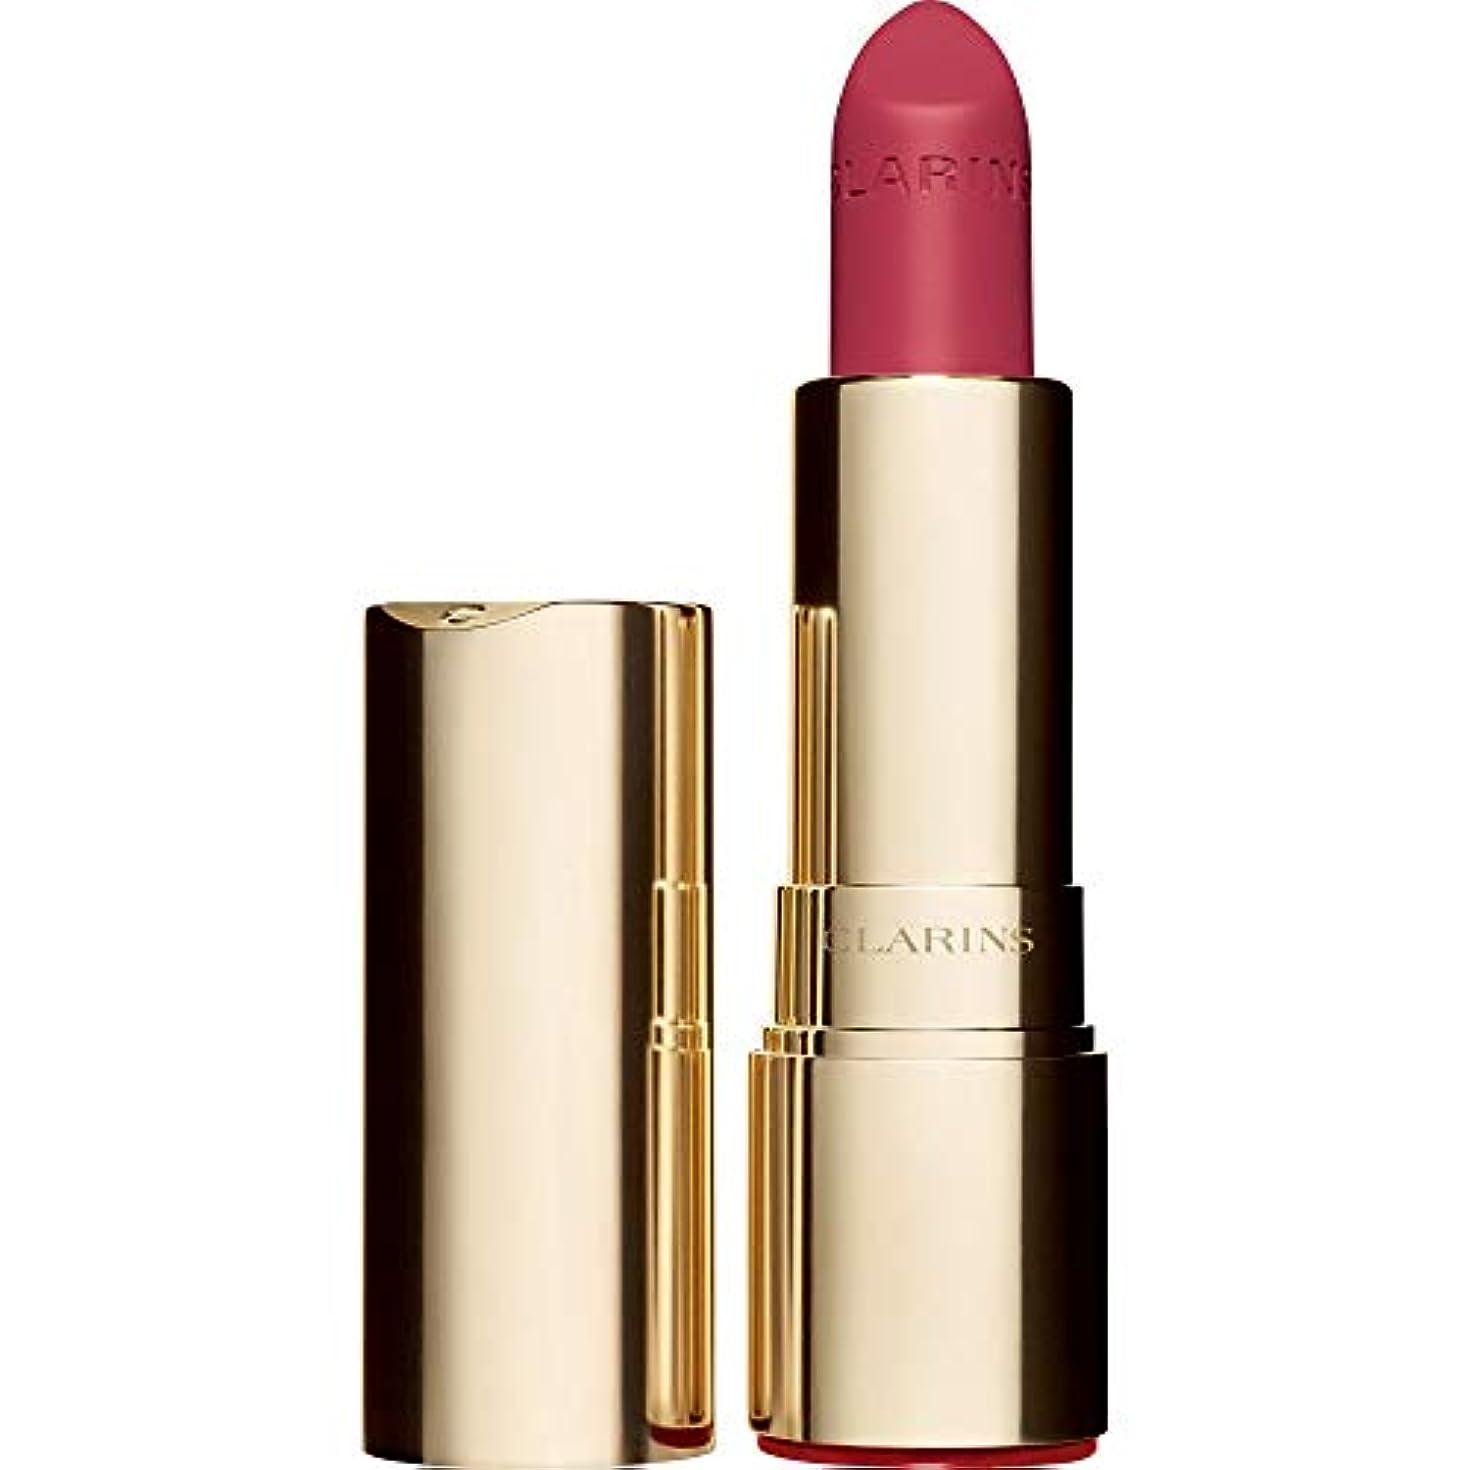 編集者私たちの候補者[Clarins ] クラランスジョリルージュのベルベットの口紅3.5グラムの756V - グアバ - Clarins Joli Rouge Velvet Lipstick 3.5g 756V - Guava [並行輸入品]